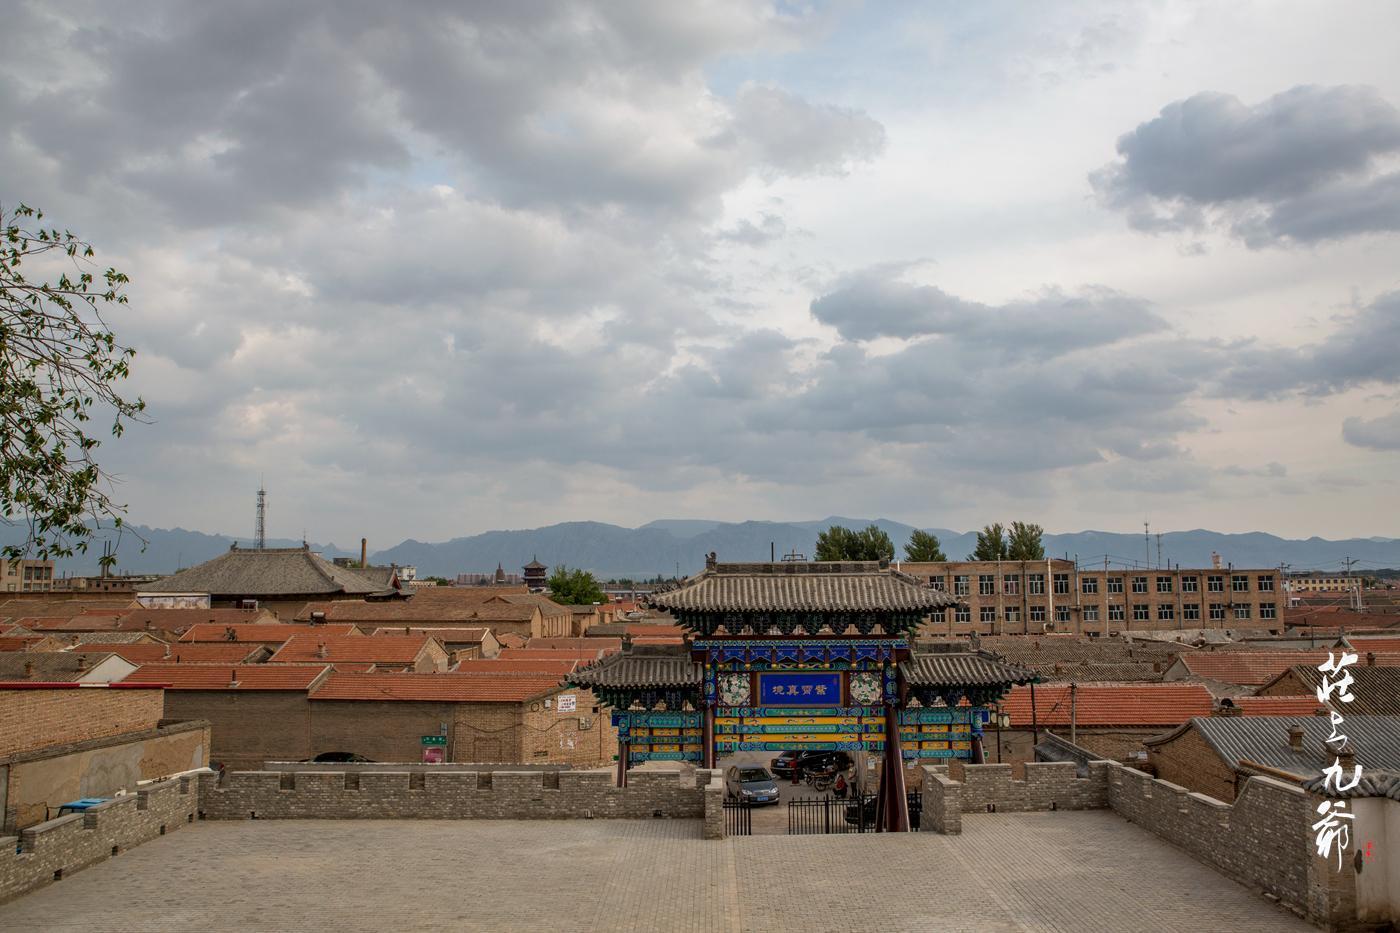 先有南安寺 后有蔚州城 蟊贼钻入了千年古塔地宫_蔚县